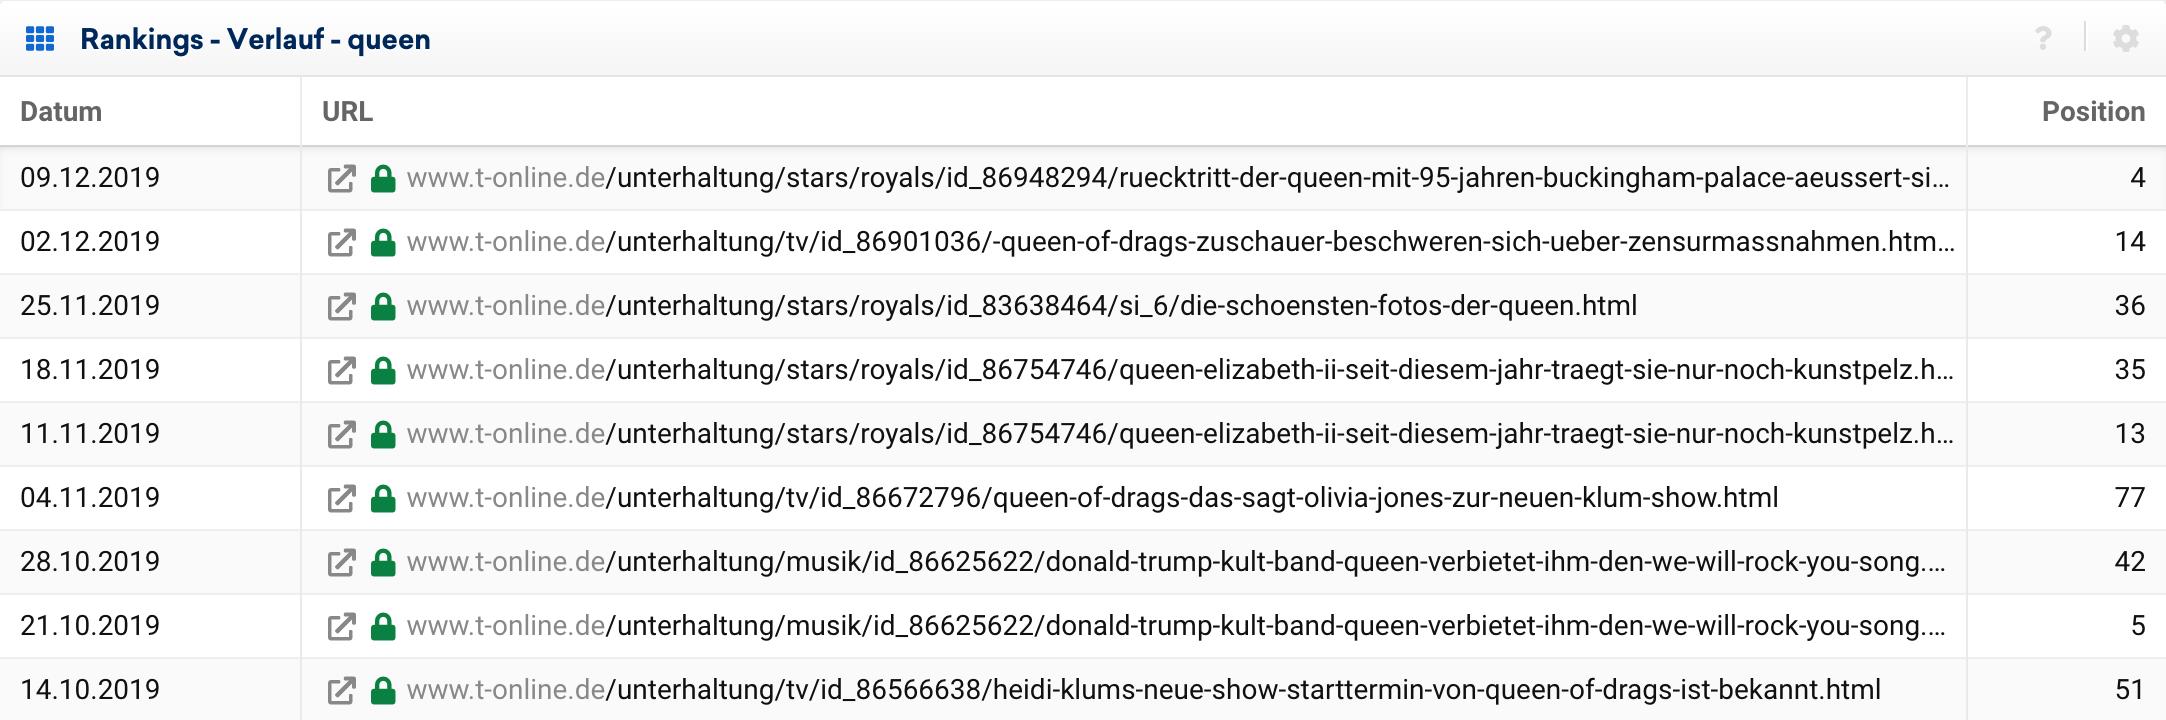 """Tabelle der Ranking-Historie für die Domain t-online.de und das Keyword """"queen"""" für 10 verschiedene Wochen. Es gibt fast jede Woche eine neue URL, die in dieser Zeit das beste Ranking inne hat. Die beste Ranking Position schwanken in dem Zeitraum zwischen den Positionen 77 und 4."""